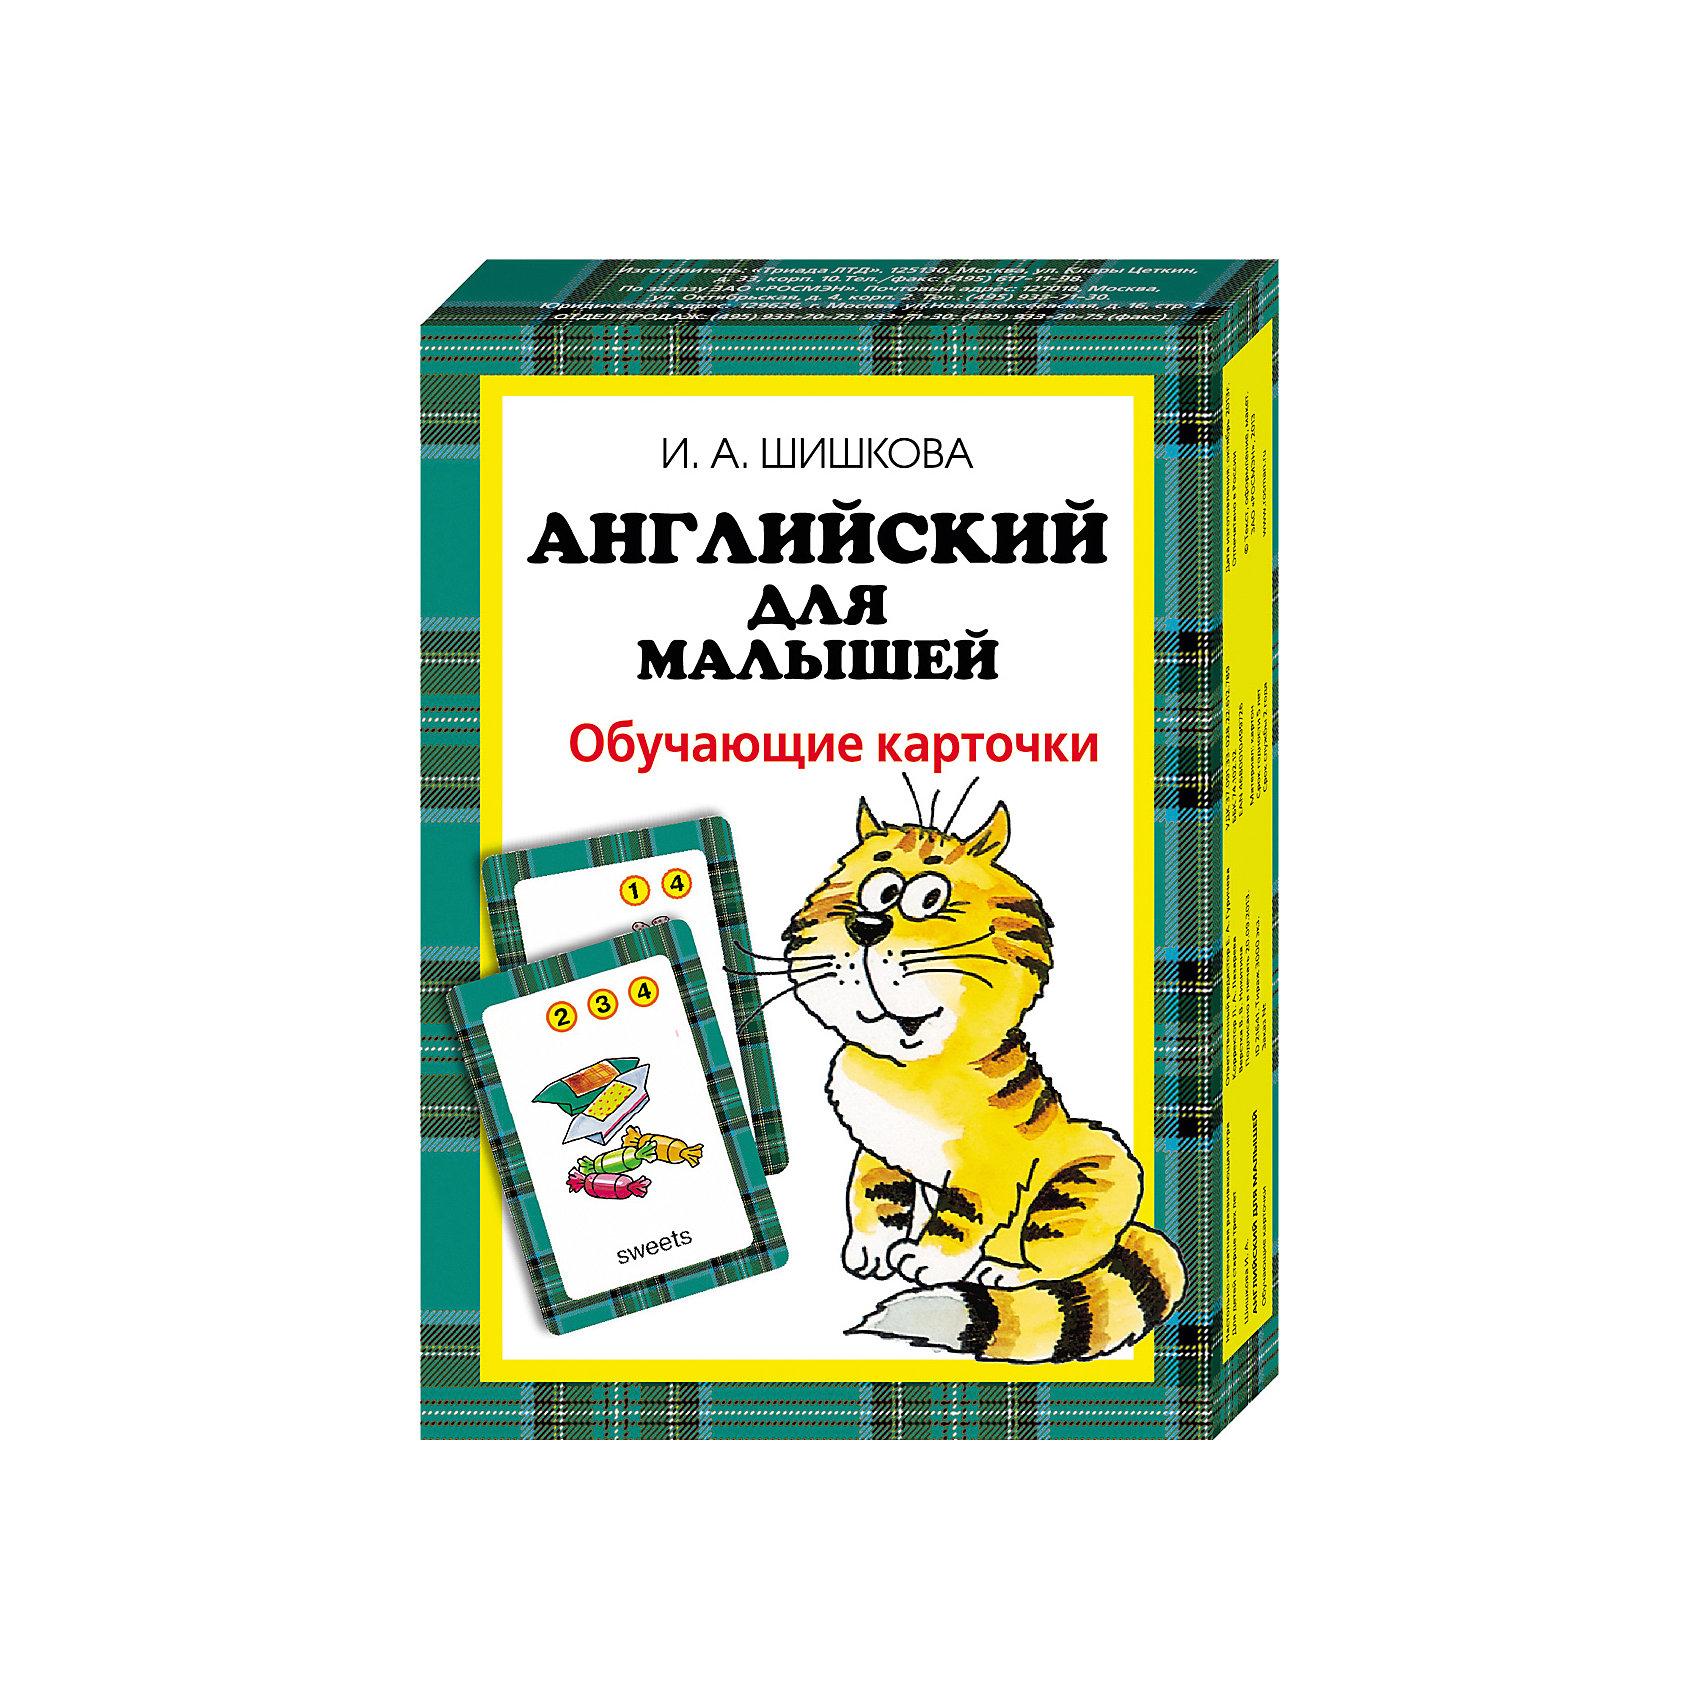 Обучающие карточки Английский для малышей, ШишковаРосмэн<br>Характеристики товара:<br><br>- цвет: разноцветный;<br>- материал: картон;<br>- страниц: 72;<br>- формат: 9 х 17 см;<br>- развивающее издание.<br><br>Это проработанное развивающее издание станет отличным подарком для родителей и ребенка. Оно содержит в себе карточки, которые помогут ребенку познакомиться с английским и закрепить пройденный материал. Простые задания помогут освоить начальные знания и привить любовь к учебе! В комплект входит учебник, аудиокурс и рабочая тетрадь.<br>Выполнение таких заданий помогает ребенку развивать зрительную память, концентрацию внимания и воображение. Издание произведено из качественных материалов, которые безопасны даже для самых маленьких.<br><br>Обучающие карточки Английский для малышей, Шишкова, от компании Росмэн можно купить в нашем интернет-магазине.<br><br>Ширина мм: 165<br>Глубина мм: 90<br>Высота мм: 20<br>Вес г: 162<br>Возраст от месяцев: 36<br>Возраст до месяцев: 72<br>Пол: Унисекс<br>Возраст: Детский<br>SKU: 5110225